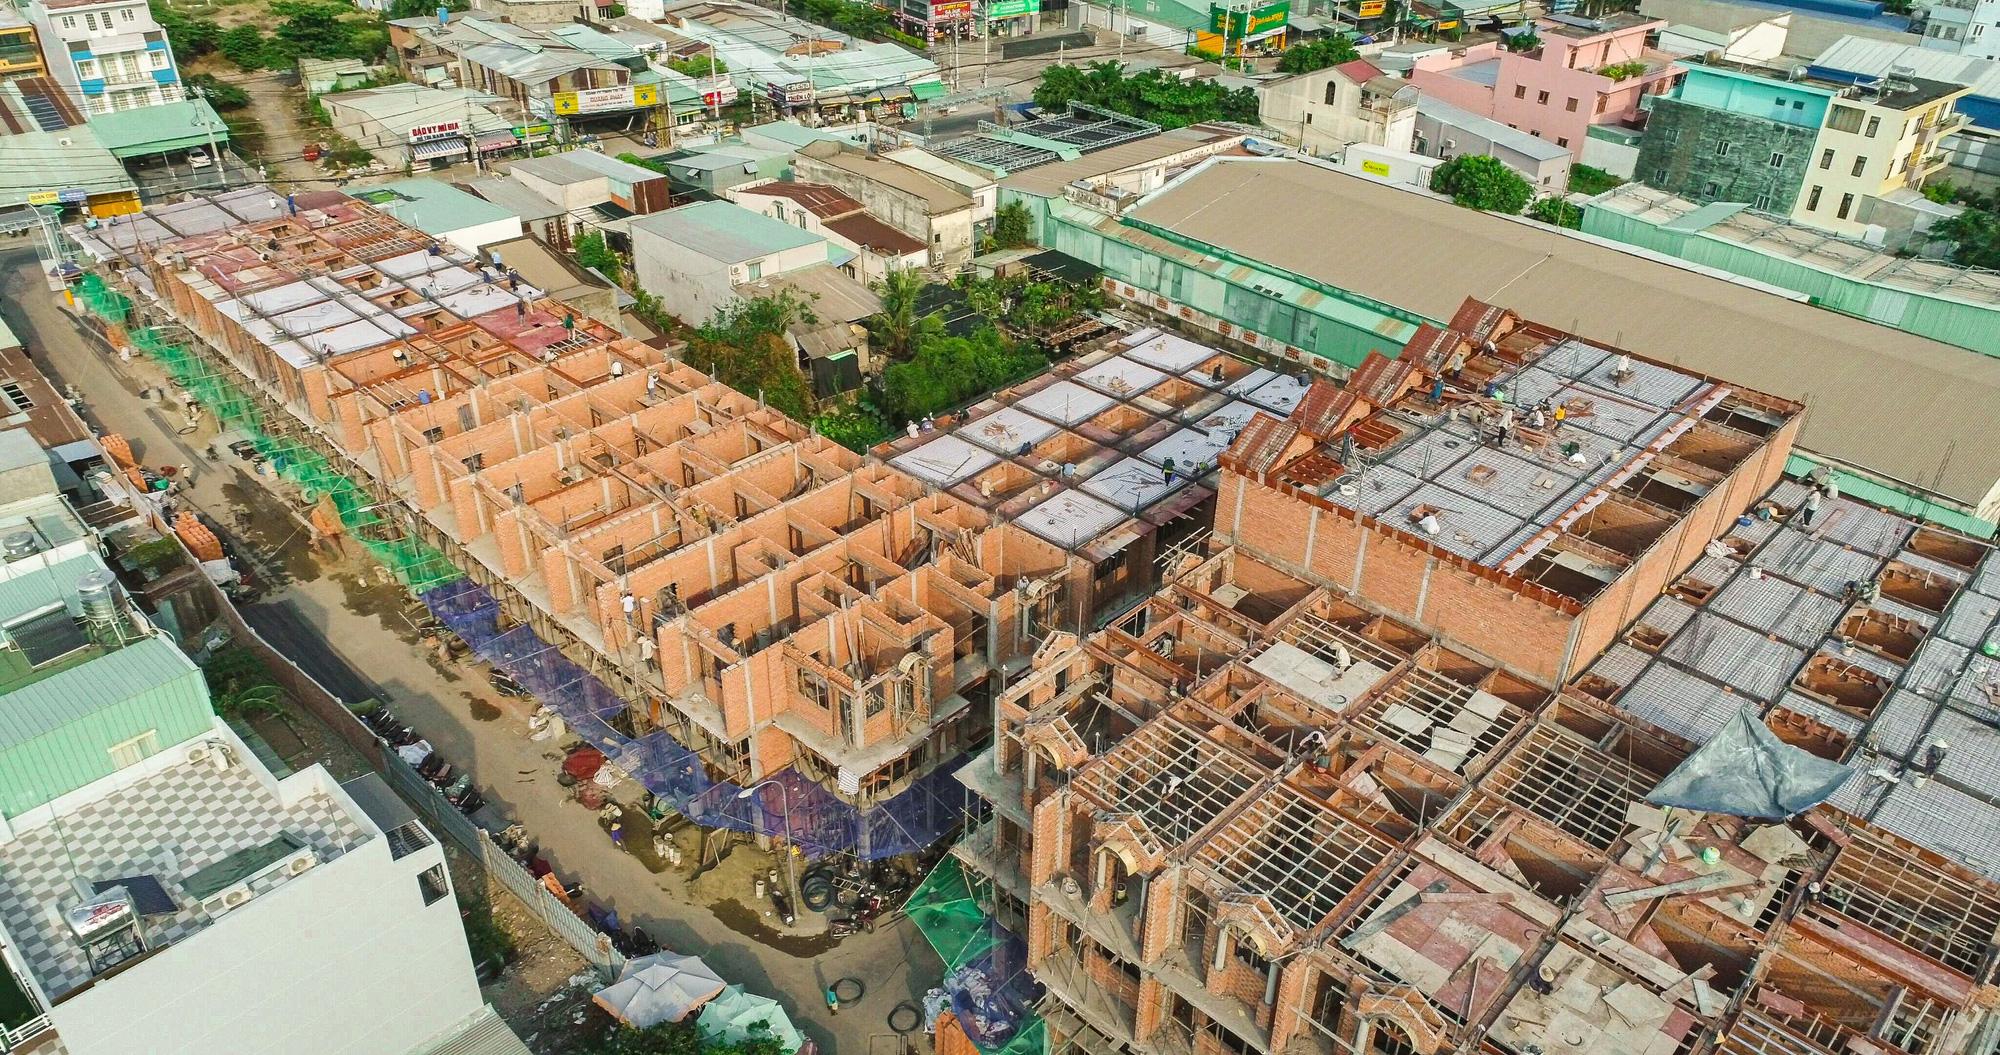 Các dự án pháp lý hoàn thiện tại khu Tây Sài Gòn thu hút lượng lớn sức mua ở thực, biên độ tăng giá cao